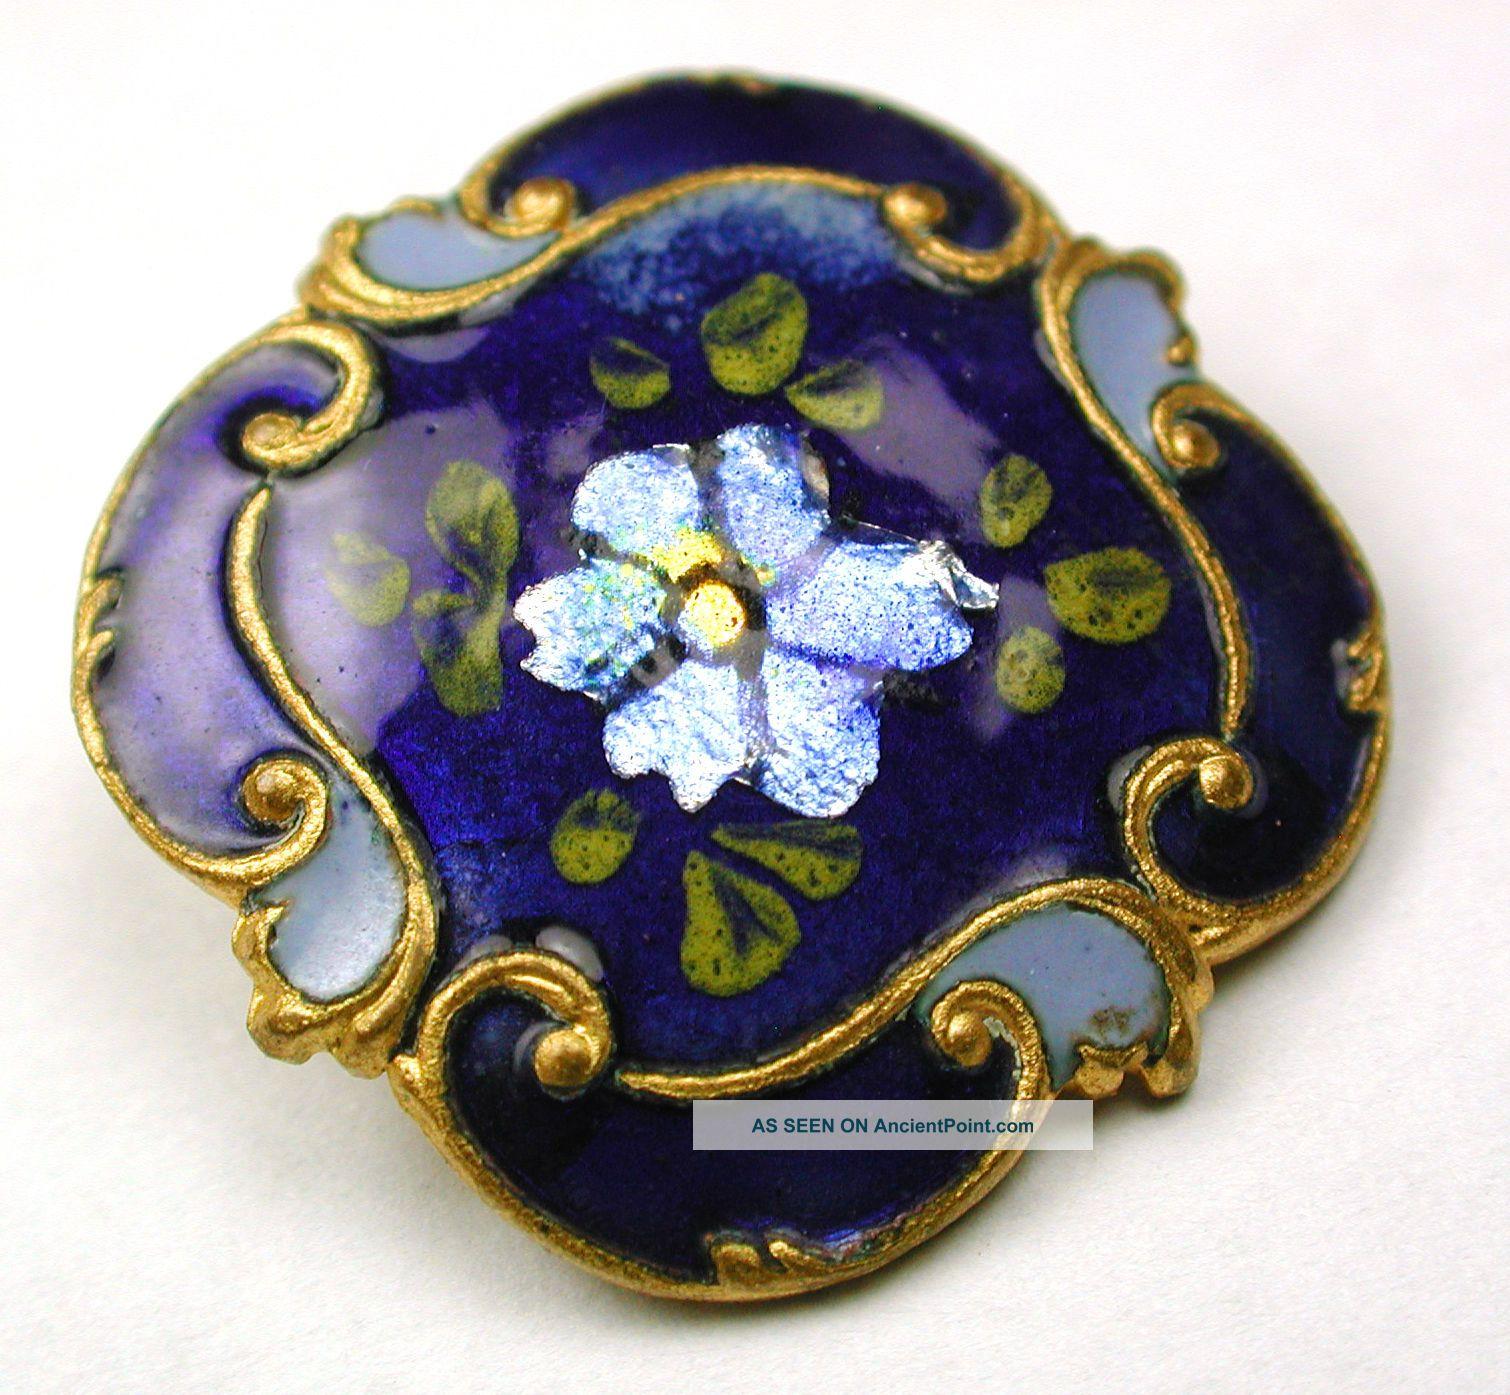 Antique Square Cobalt Enamel Button Flowers Over Foil W Fancy Brass Border 15/16 Buttons photo